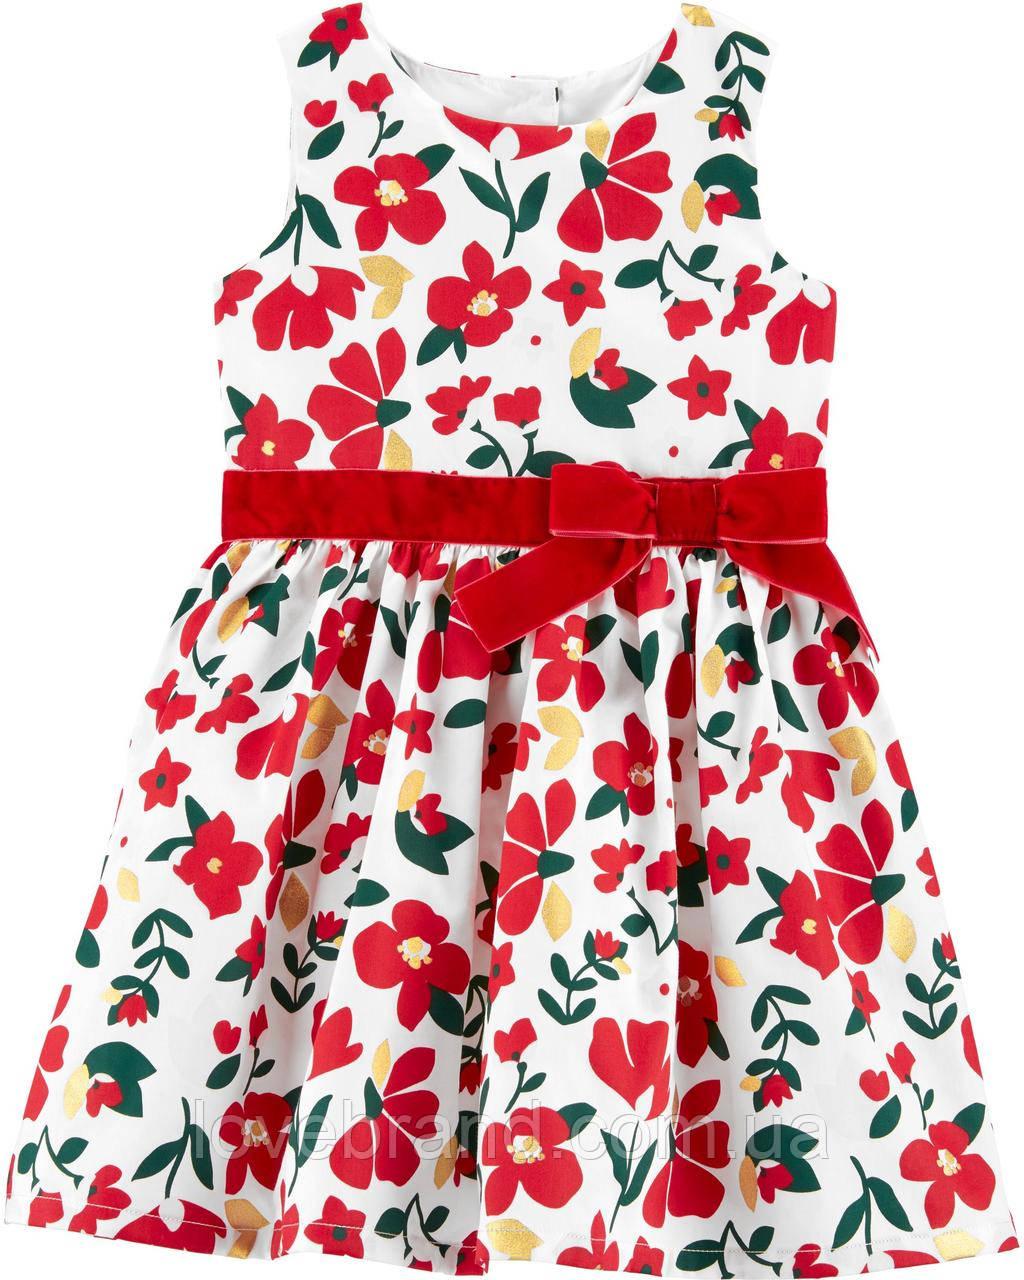 """Нарядное платье для девочки Carter's (США) белое с красным """"Цветы"""" 12 мес/72-78 см"""